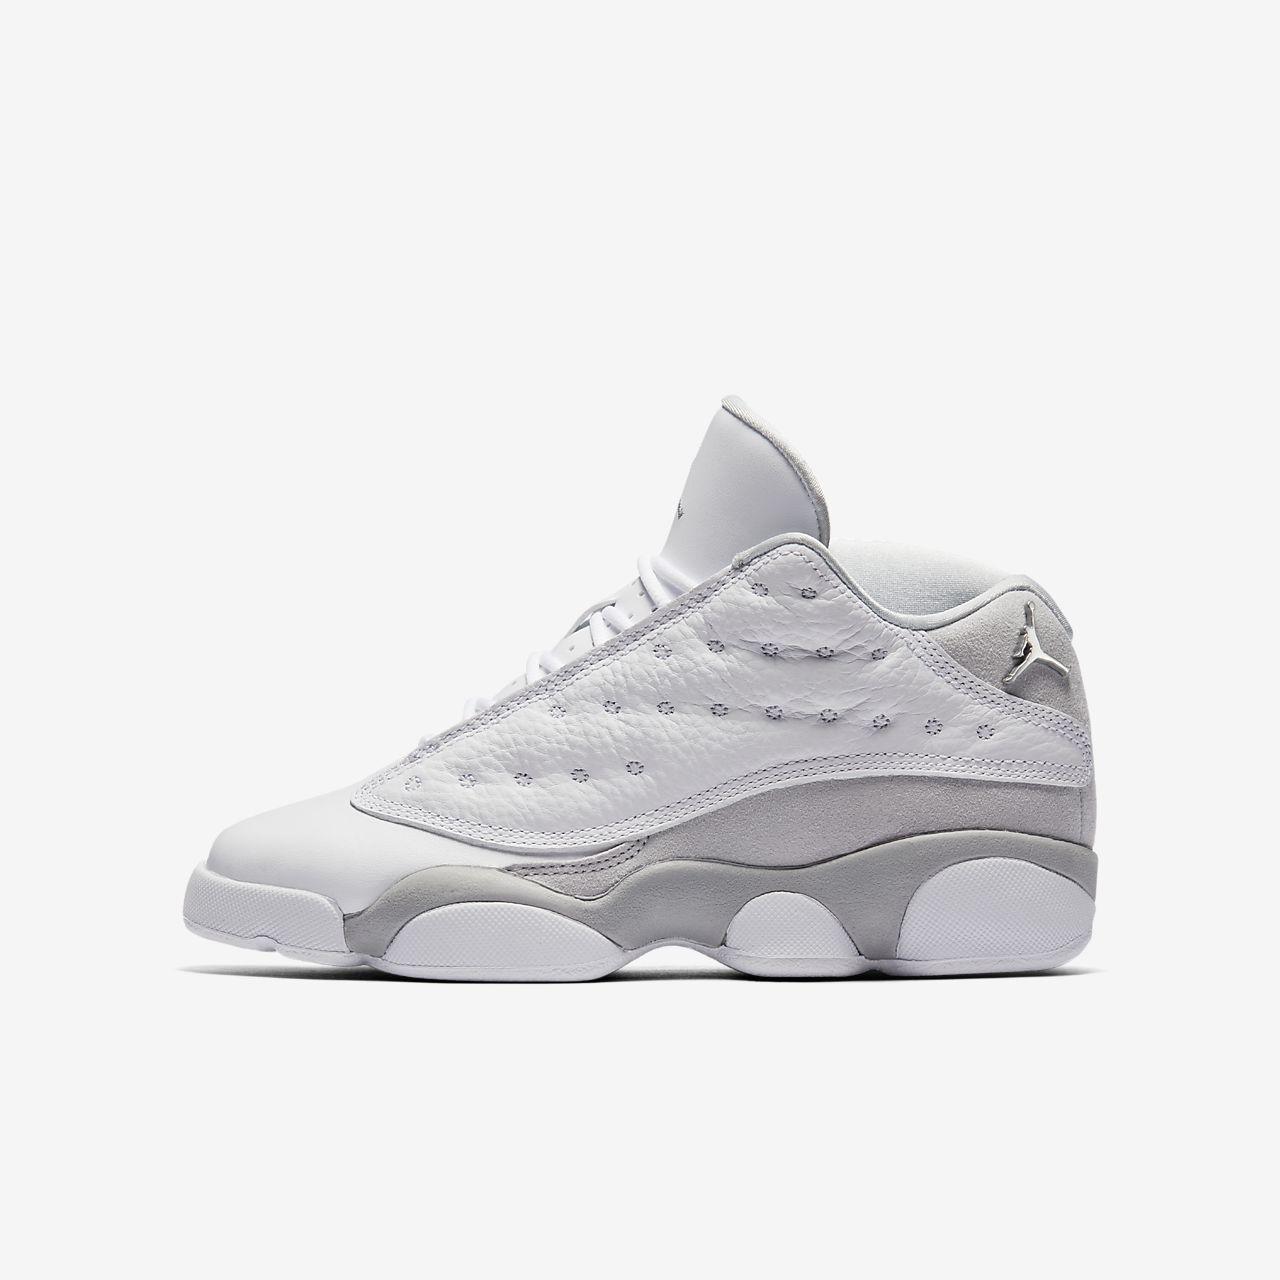 Air Jordan 13 Retro Low 大童鞋款